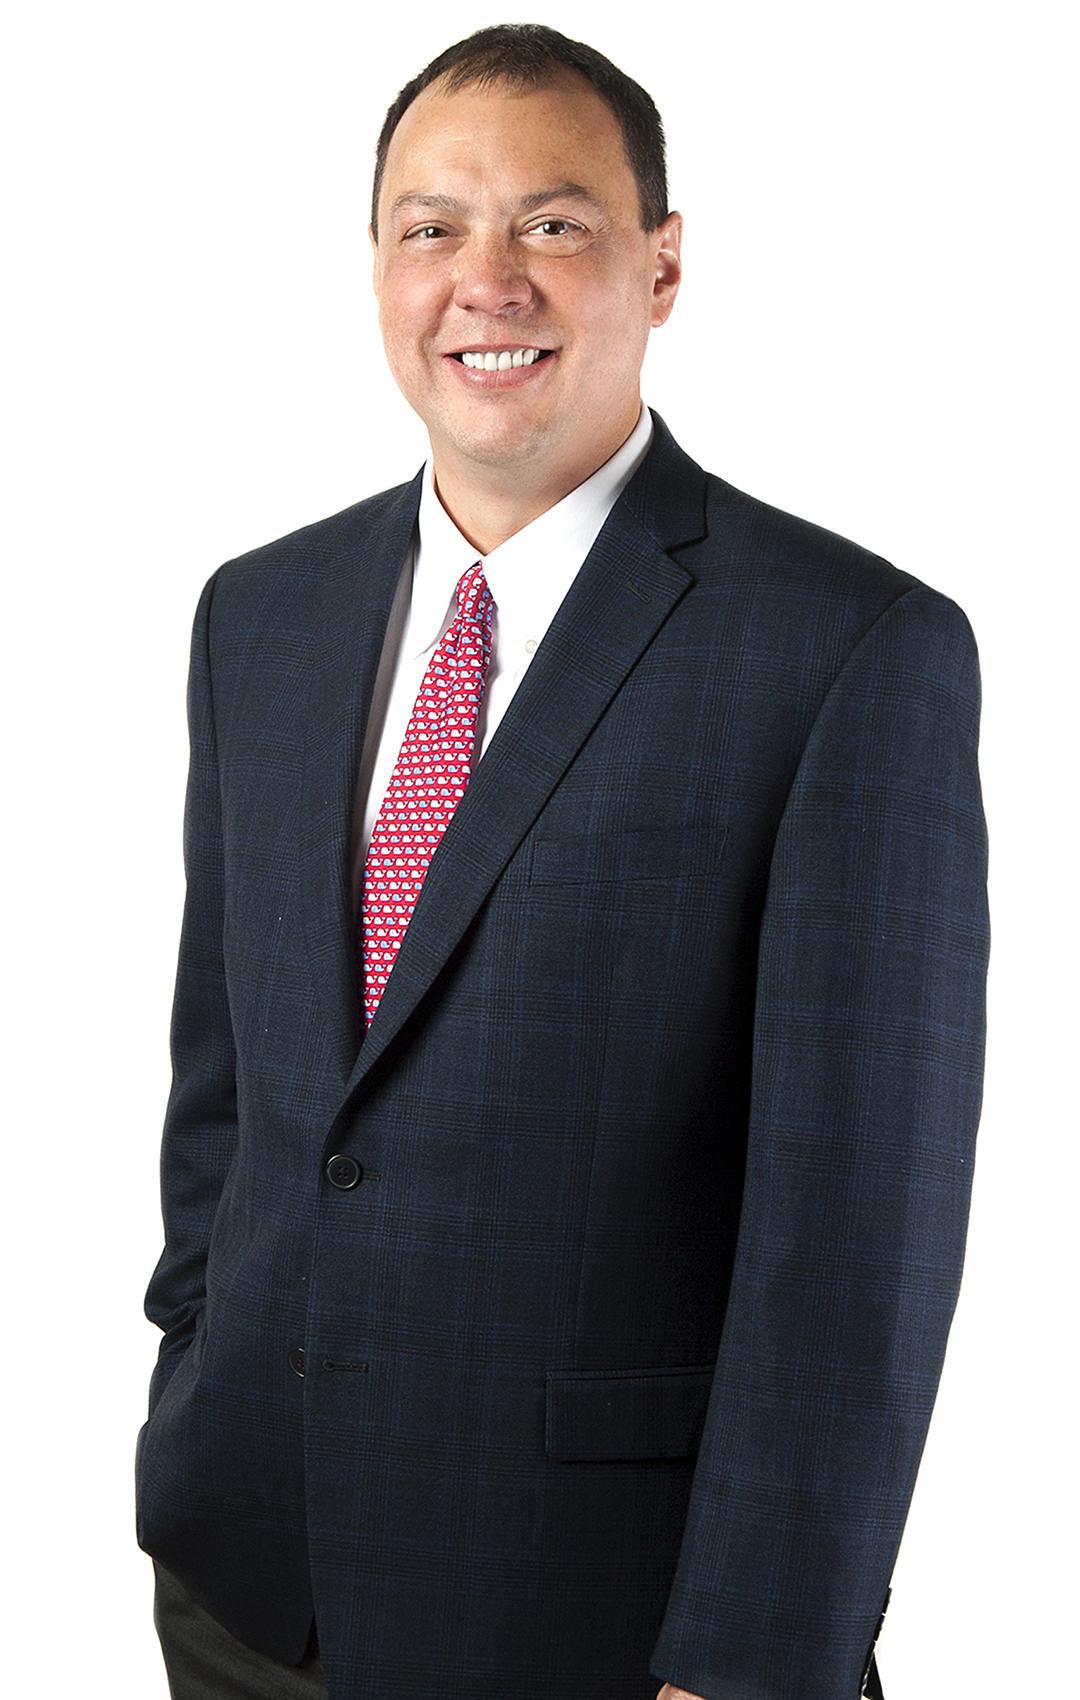 William J. Ching